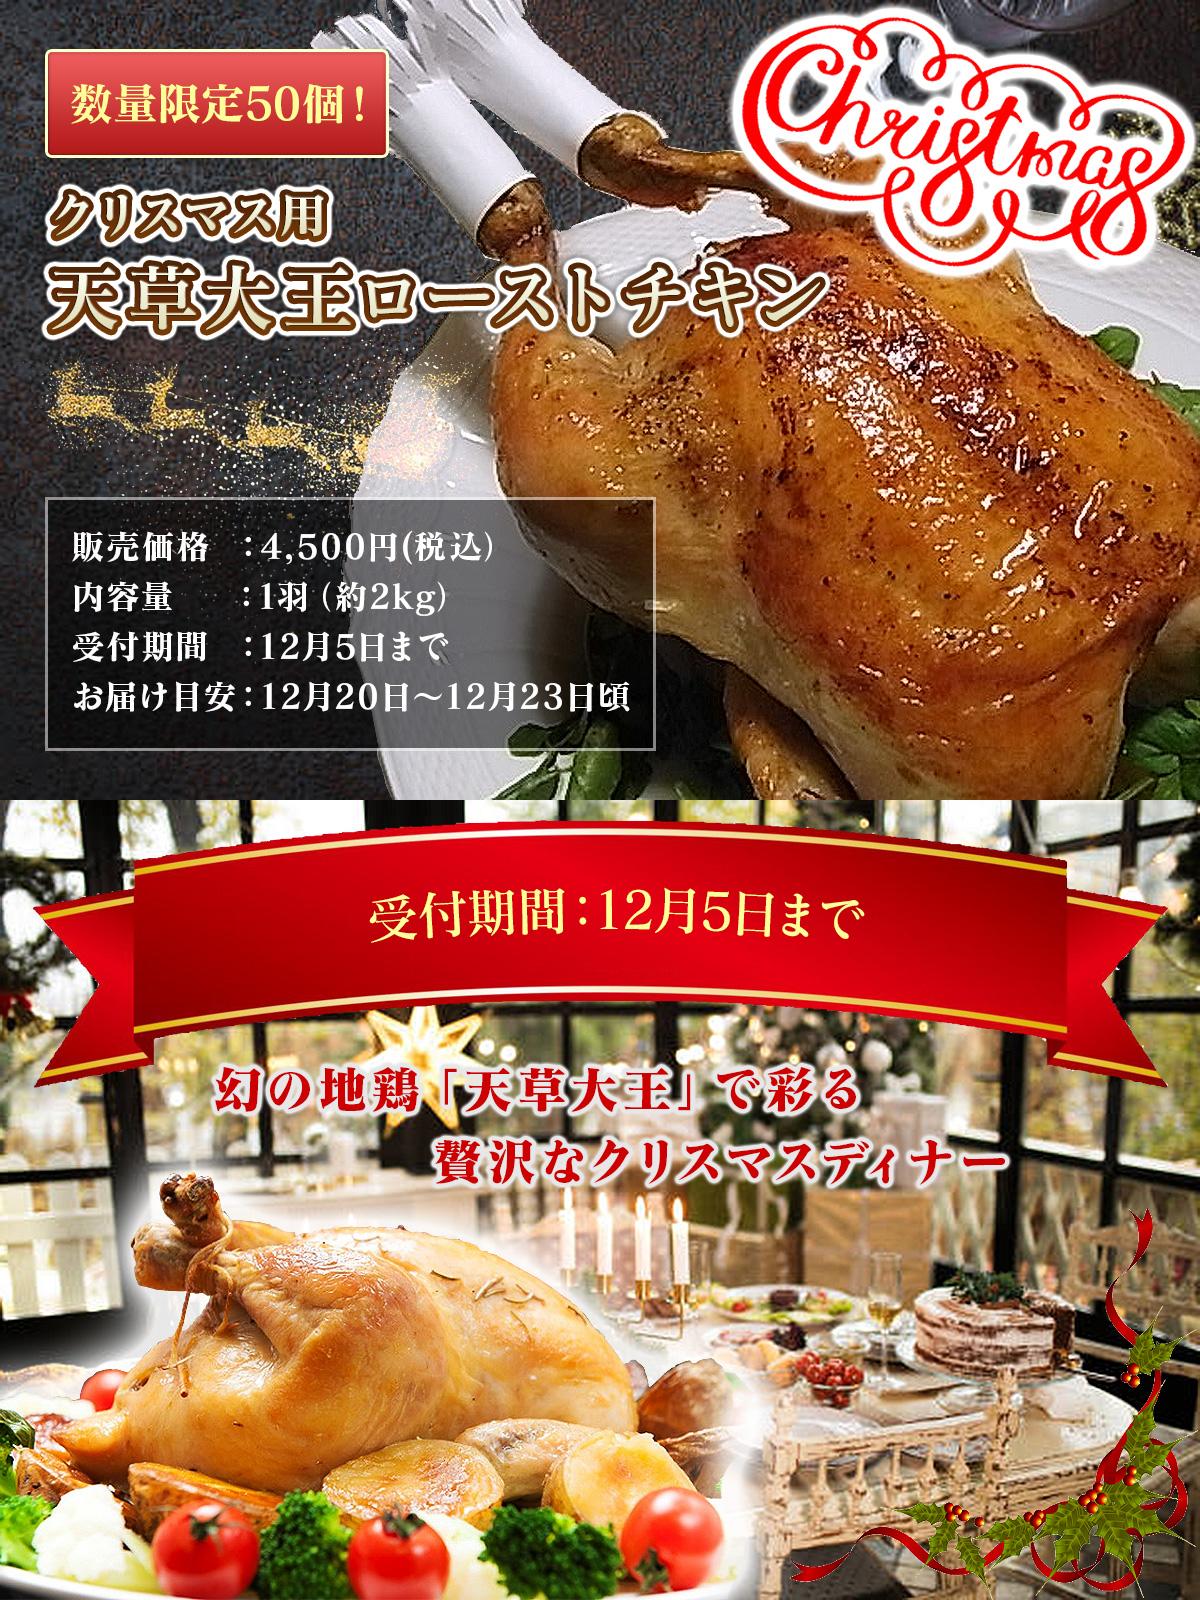 天草大王 クリスマス用ローストチキン